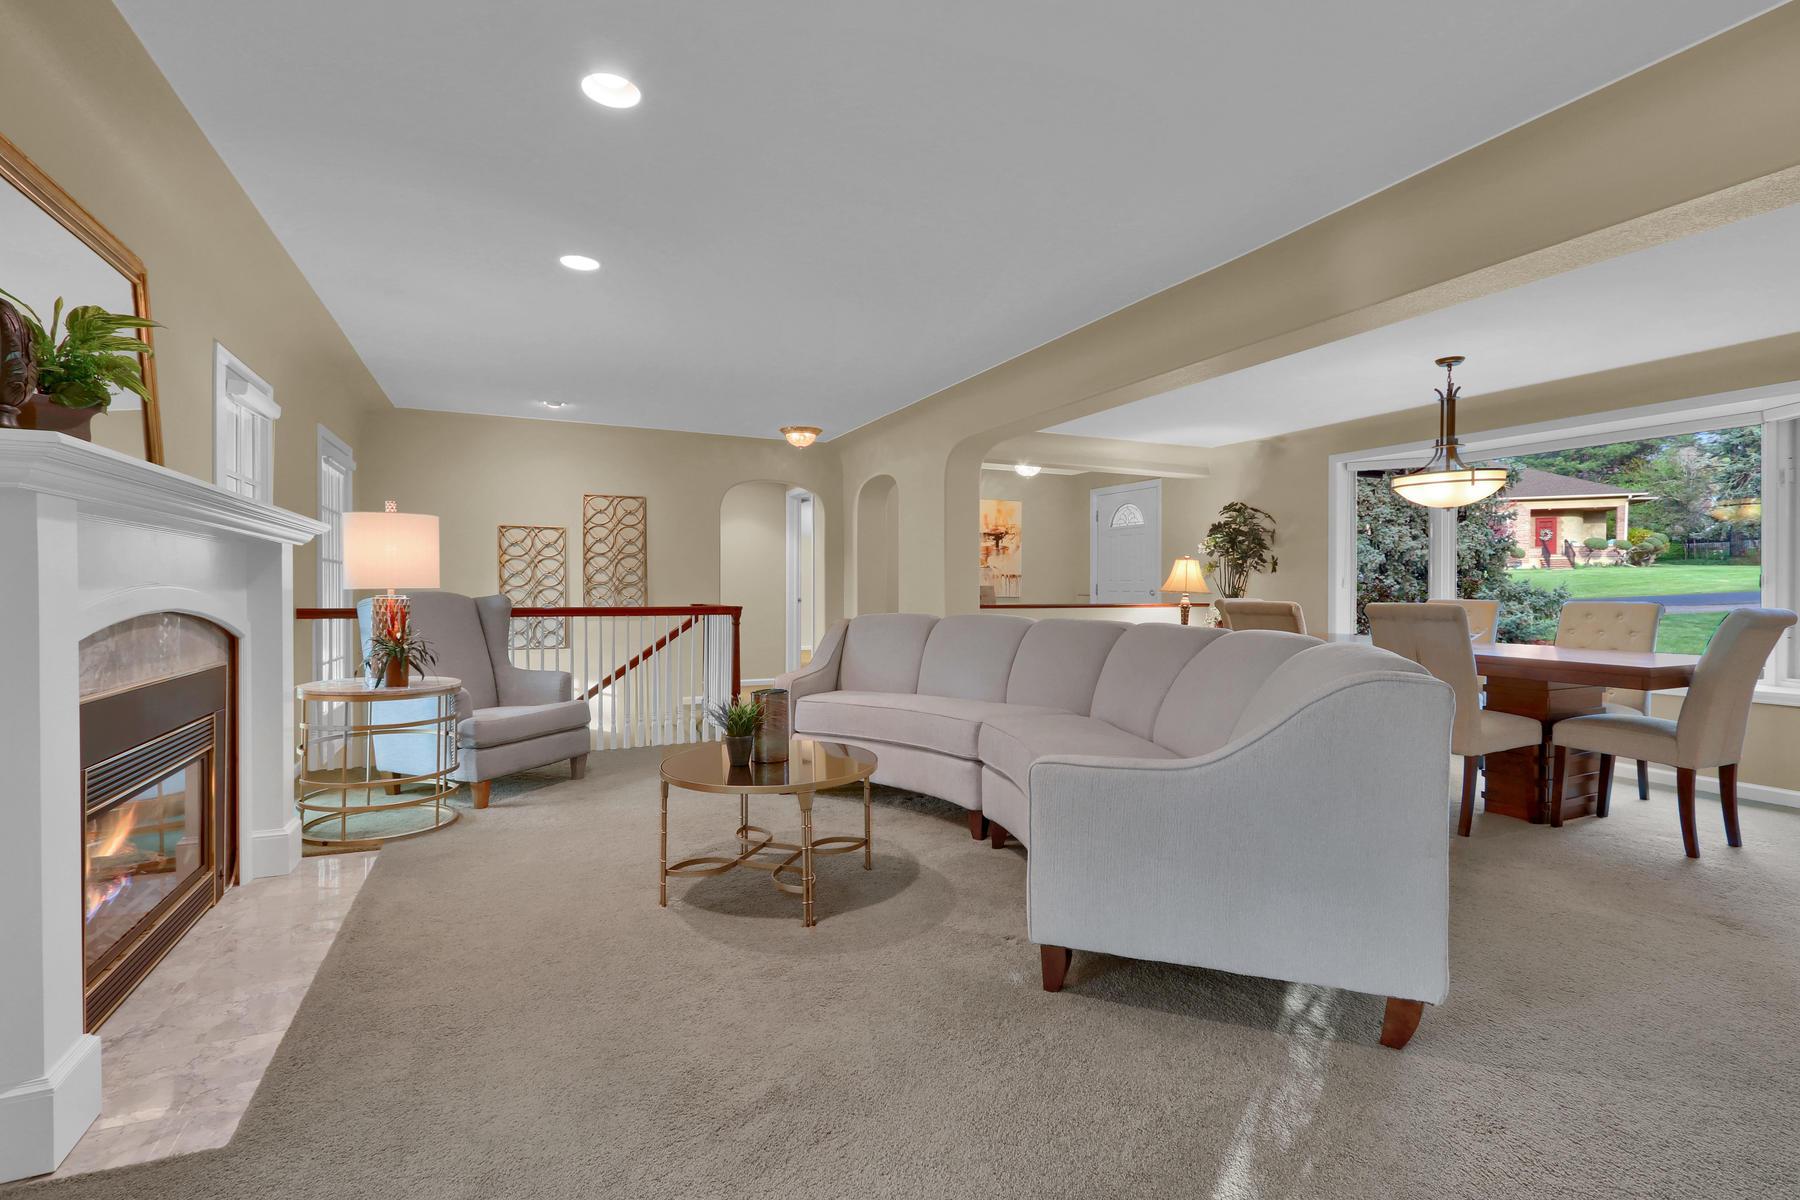 3845 Everett St Wheat Ridge CO-019-20-Living Room-MLS_Size.jpg